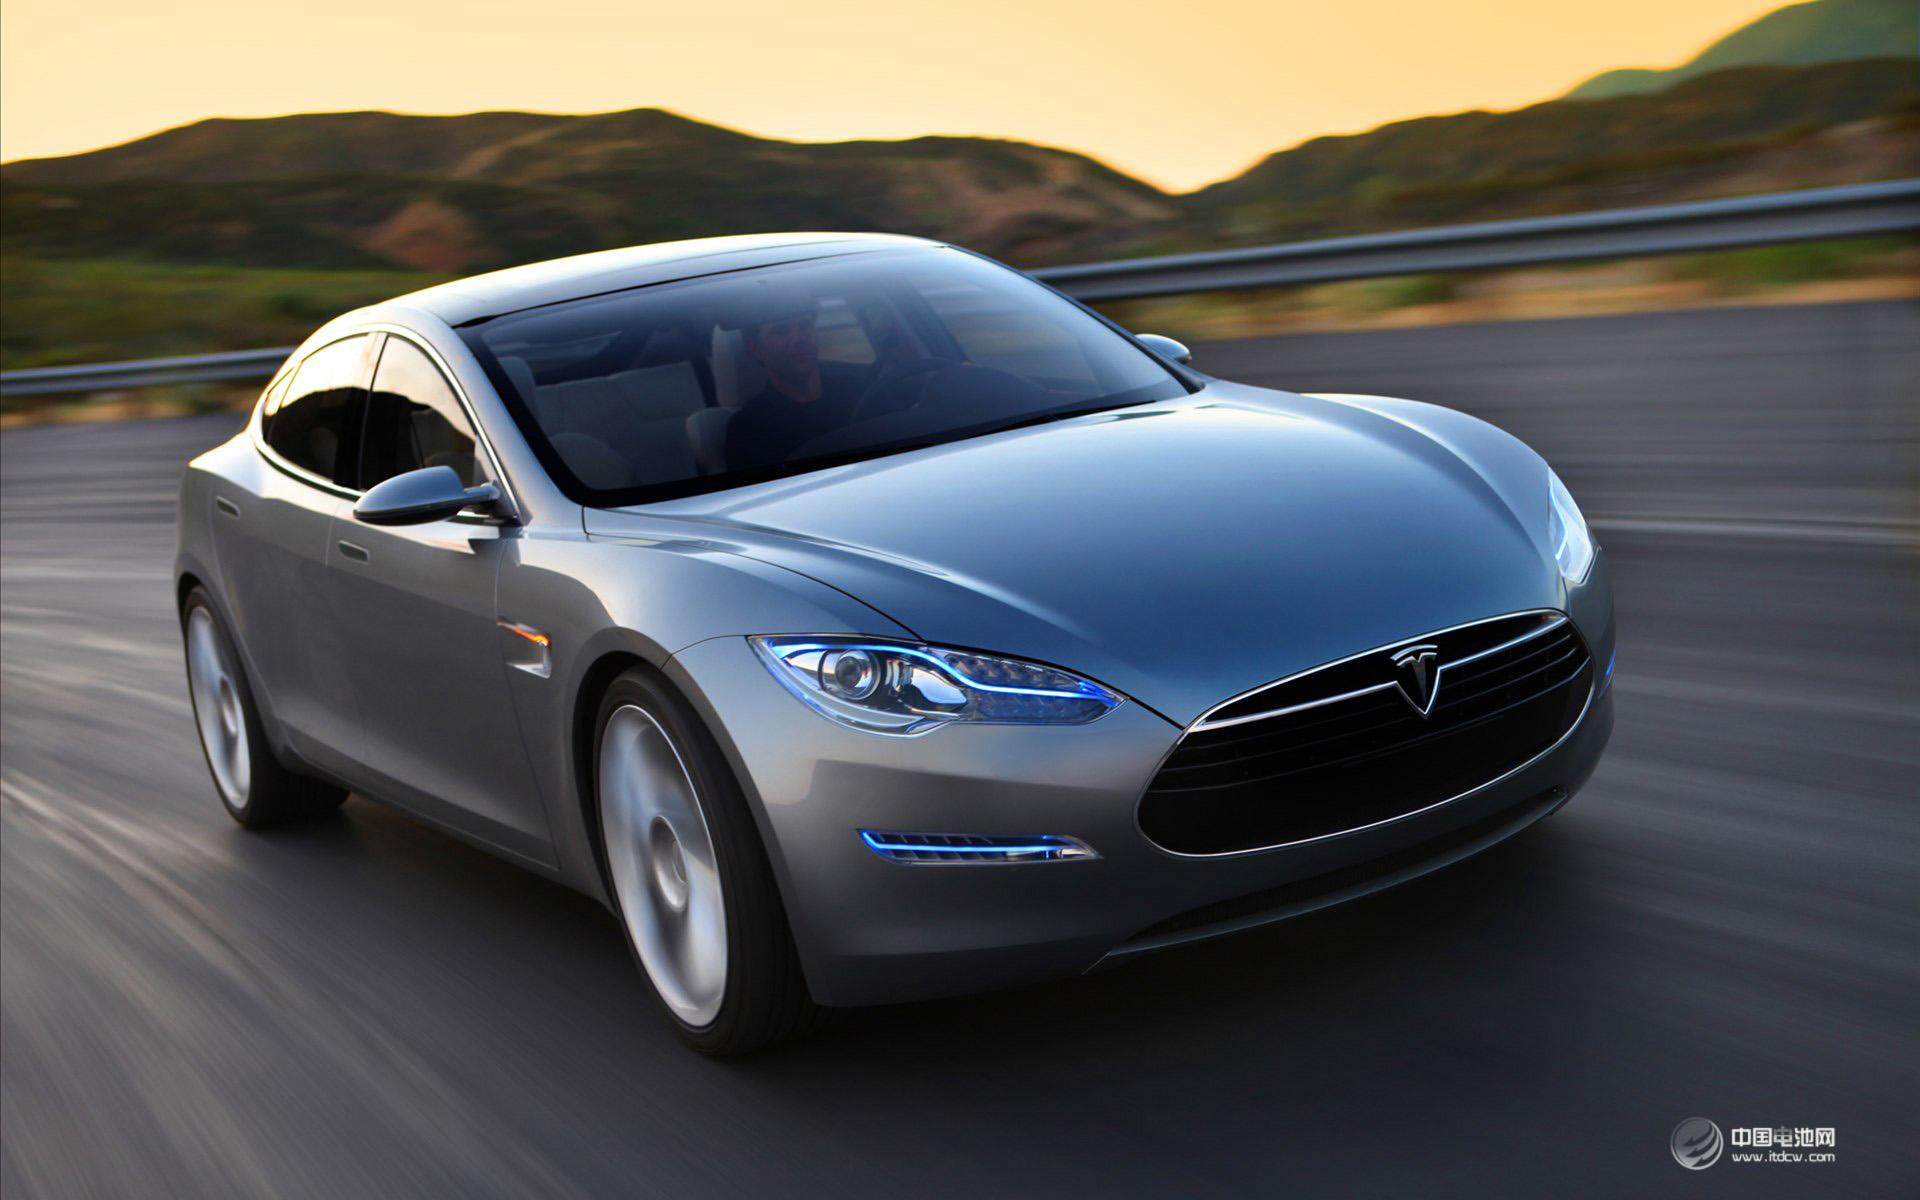 松绑 特斯拉 新能源汽车政策创新刚迈步图片